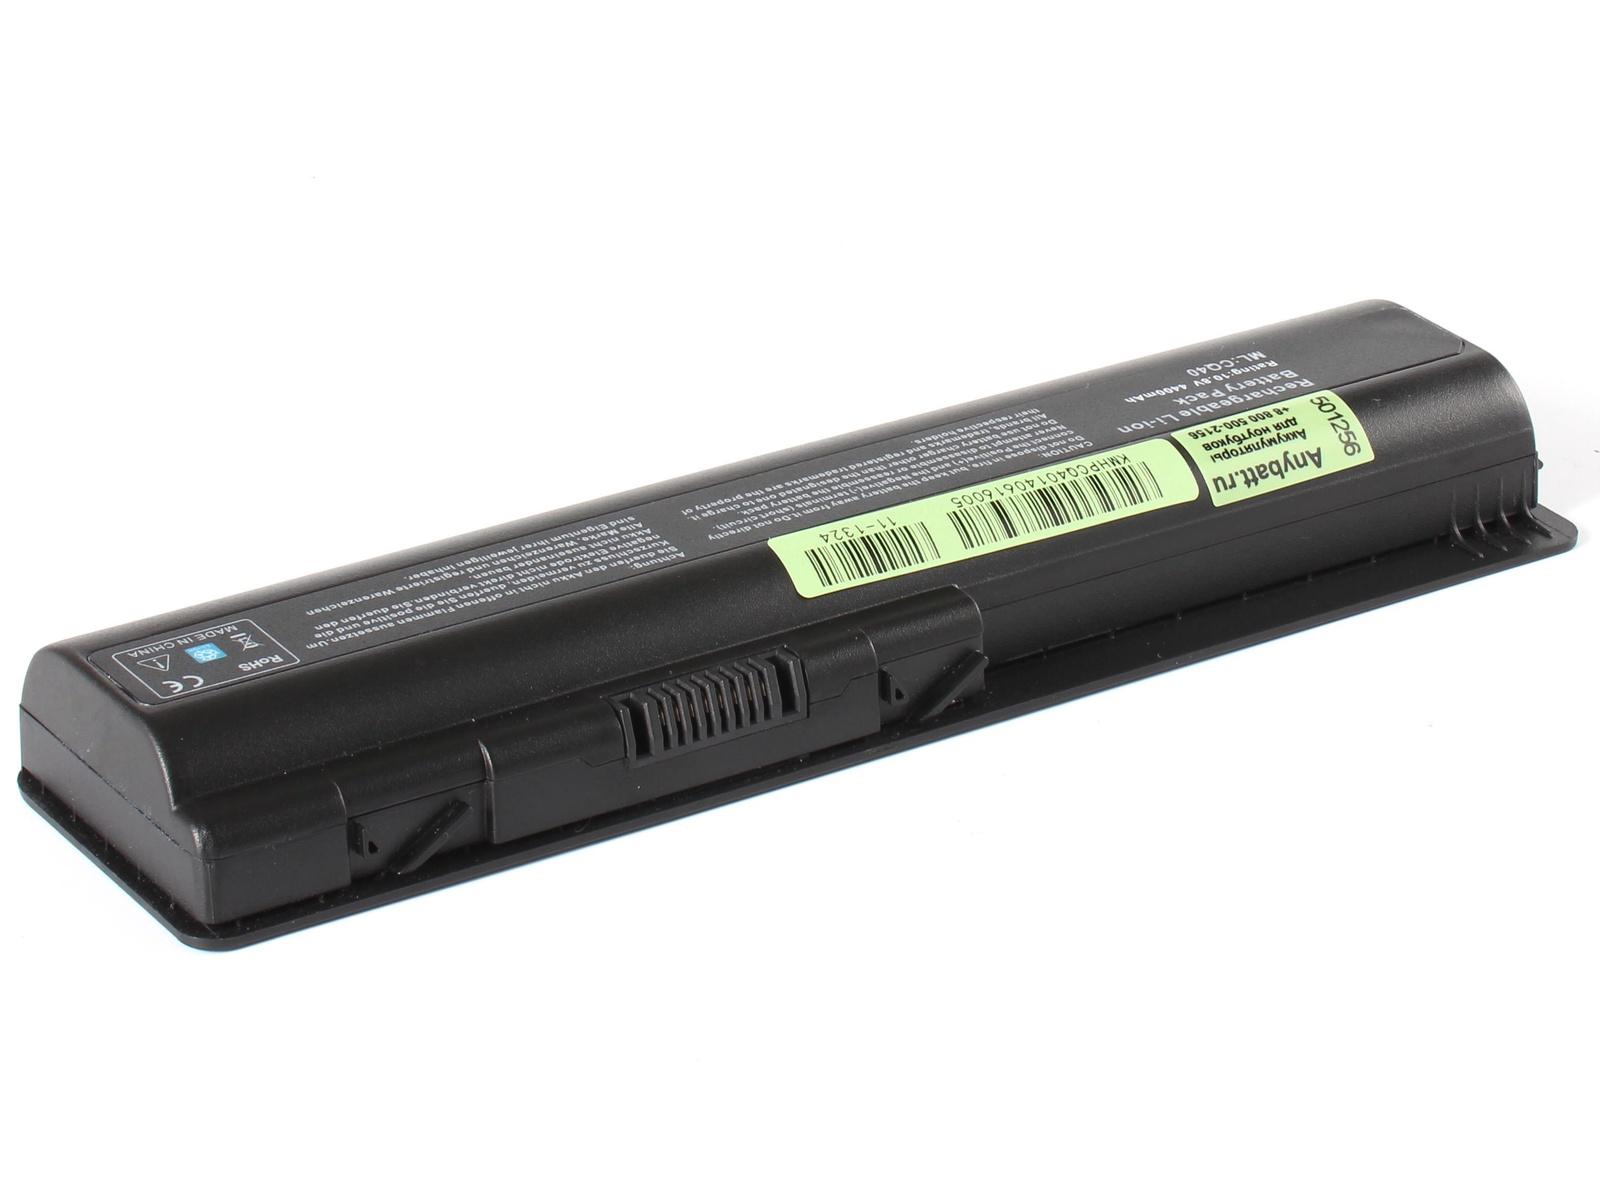 Аккумулятор для ноутбука AnyBatt для HP-Compaq Presario CQ61-318ER, Presario CQ61-321ER, Presario CQ61-317ER, Presario CQ61-425ER, Pavilion dv5-1120er, Pavilion dv5-1199er, Pavilion dv5-1177er, Pavilion dv6-2130er